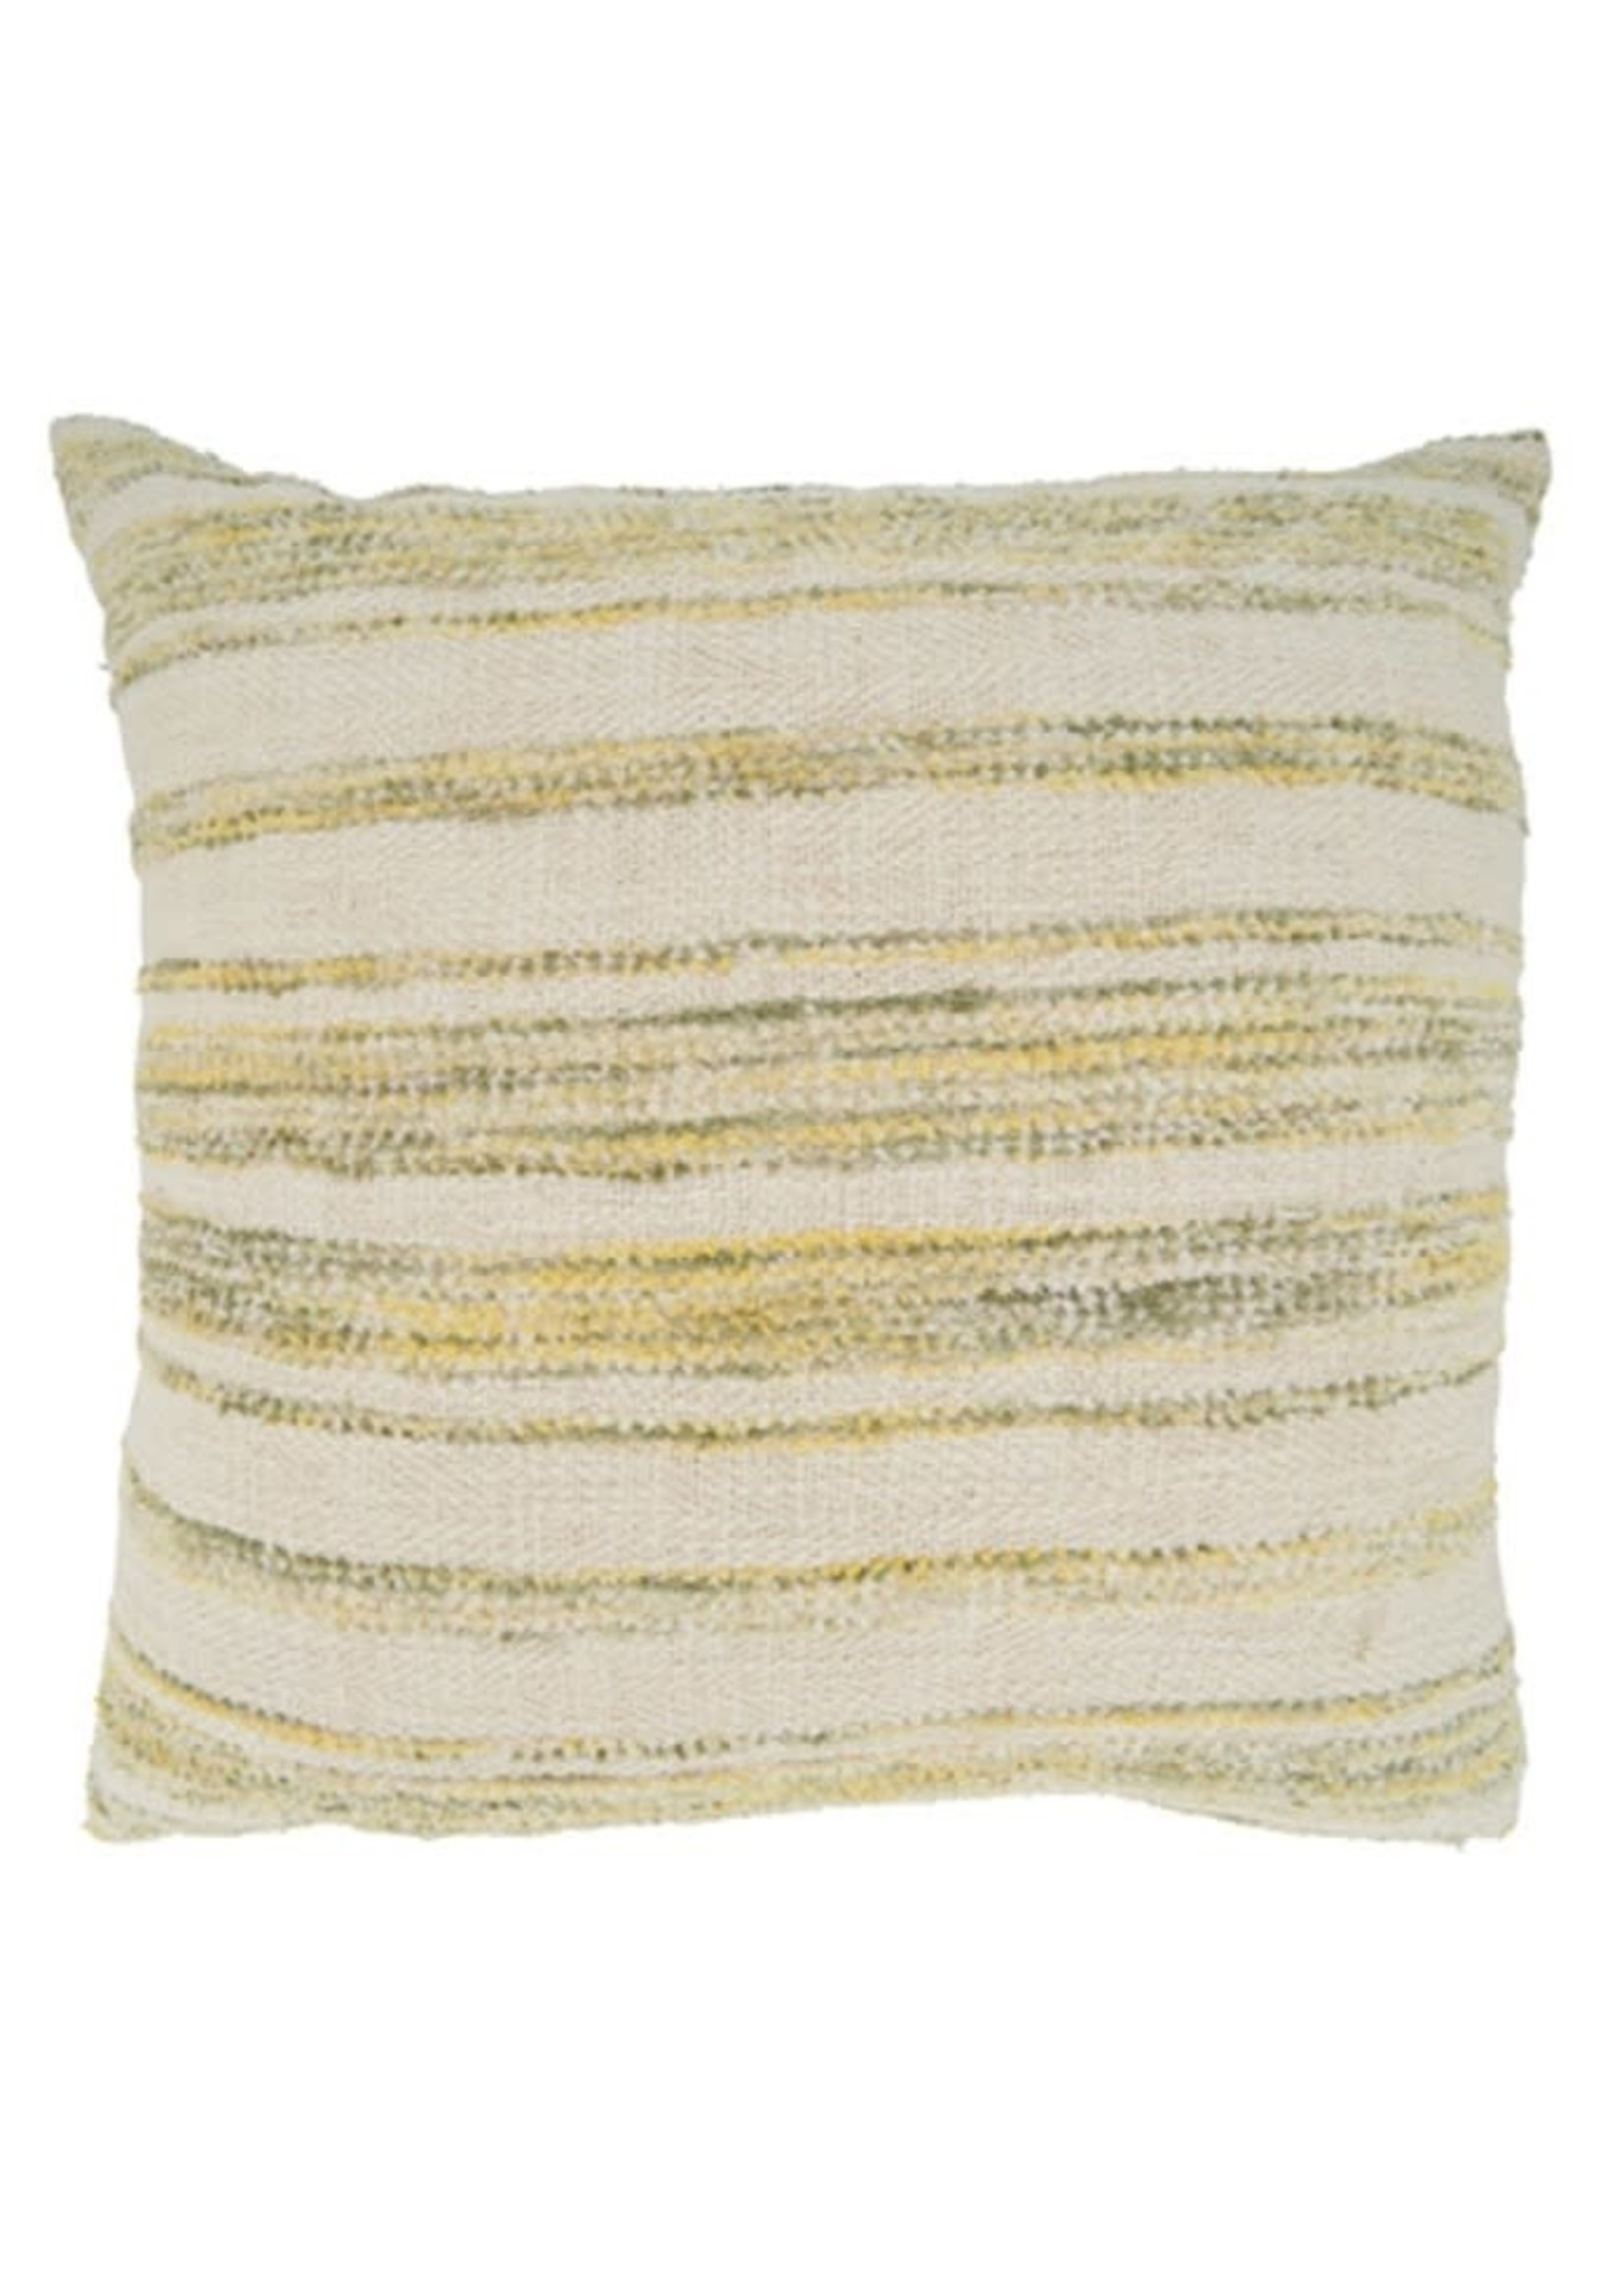 Saro SARO Striped Woven Pillow Down Filled  - Yellow